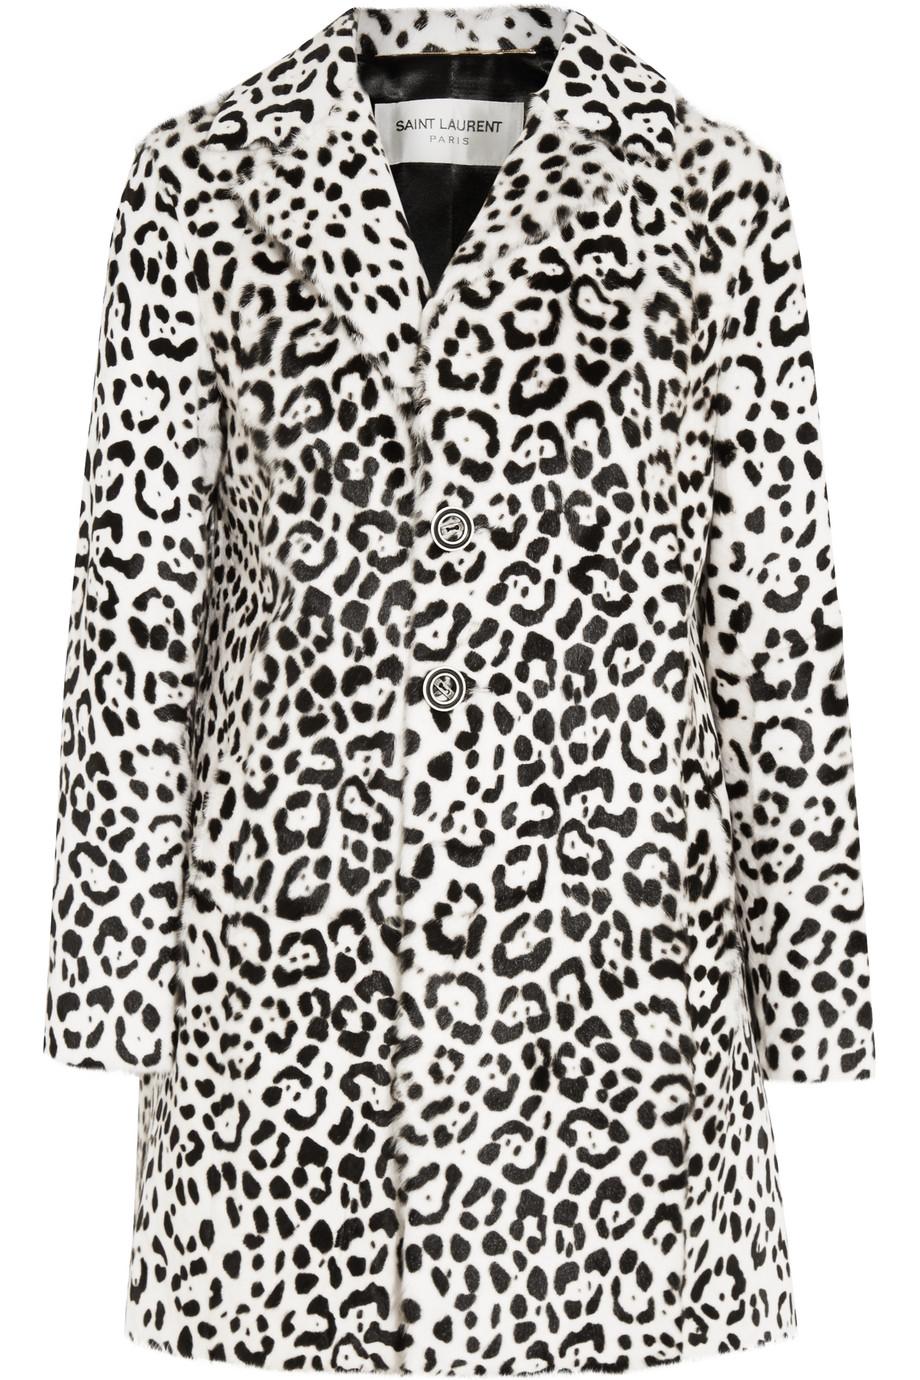 Saint Laurent Leopard-Print Goat Hair Coat, Black/Leopard Print, Women's, Size: 34